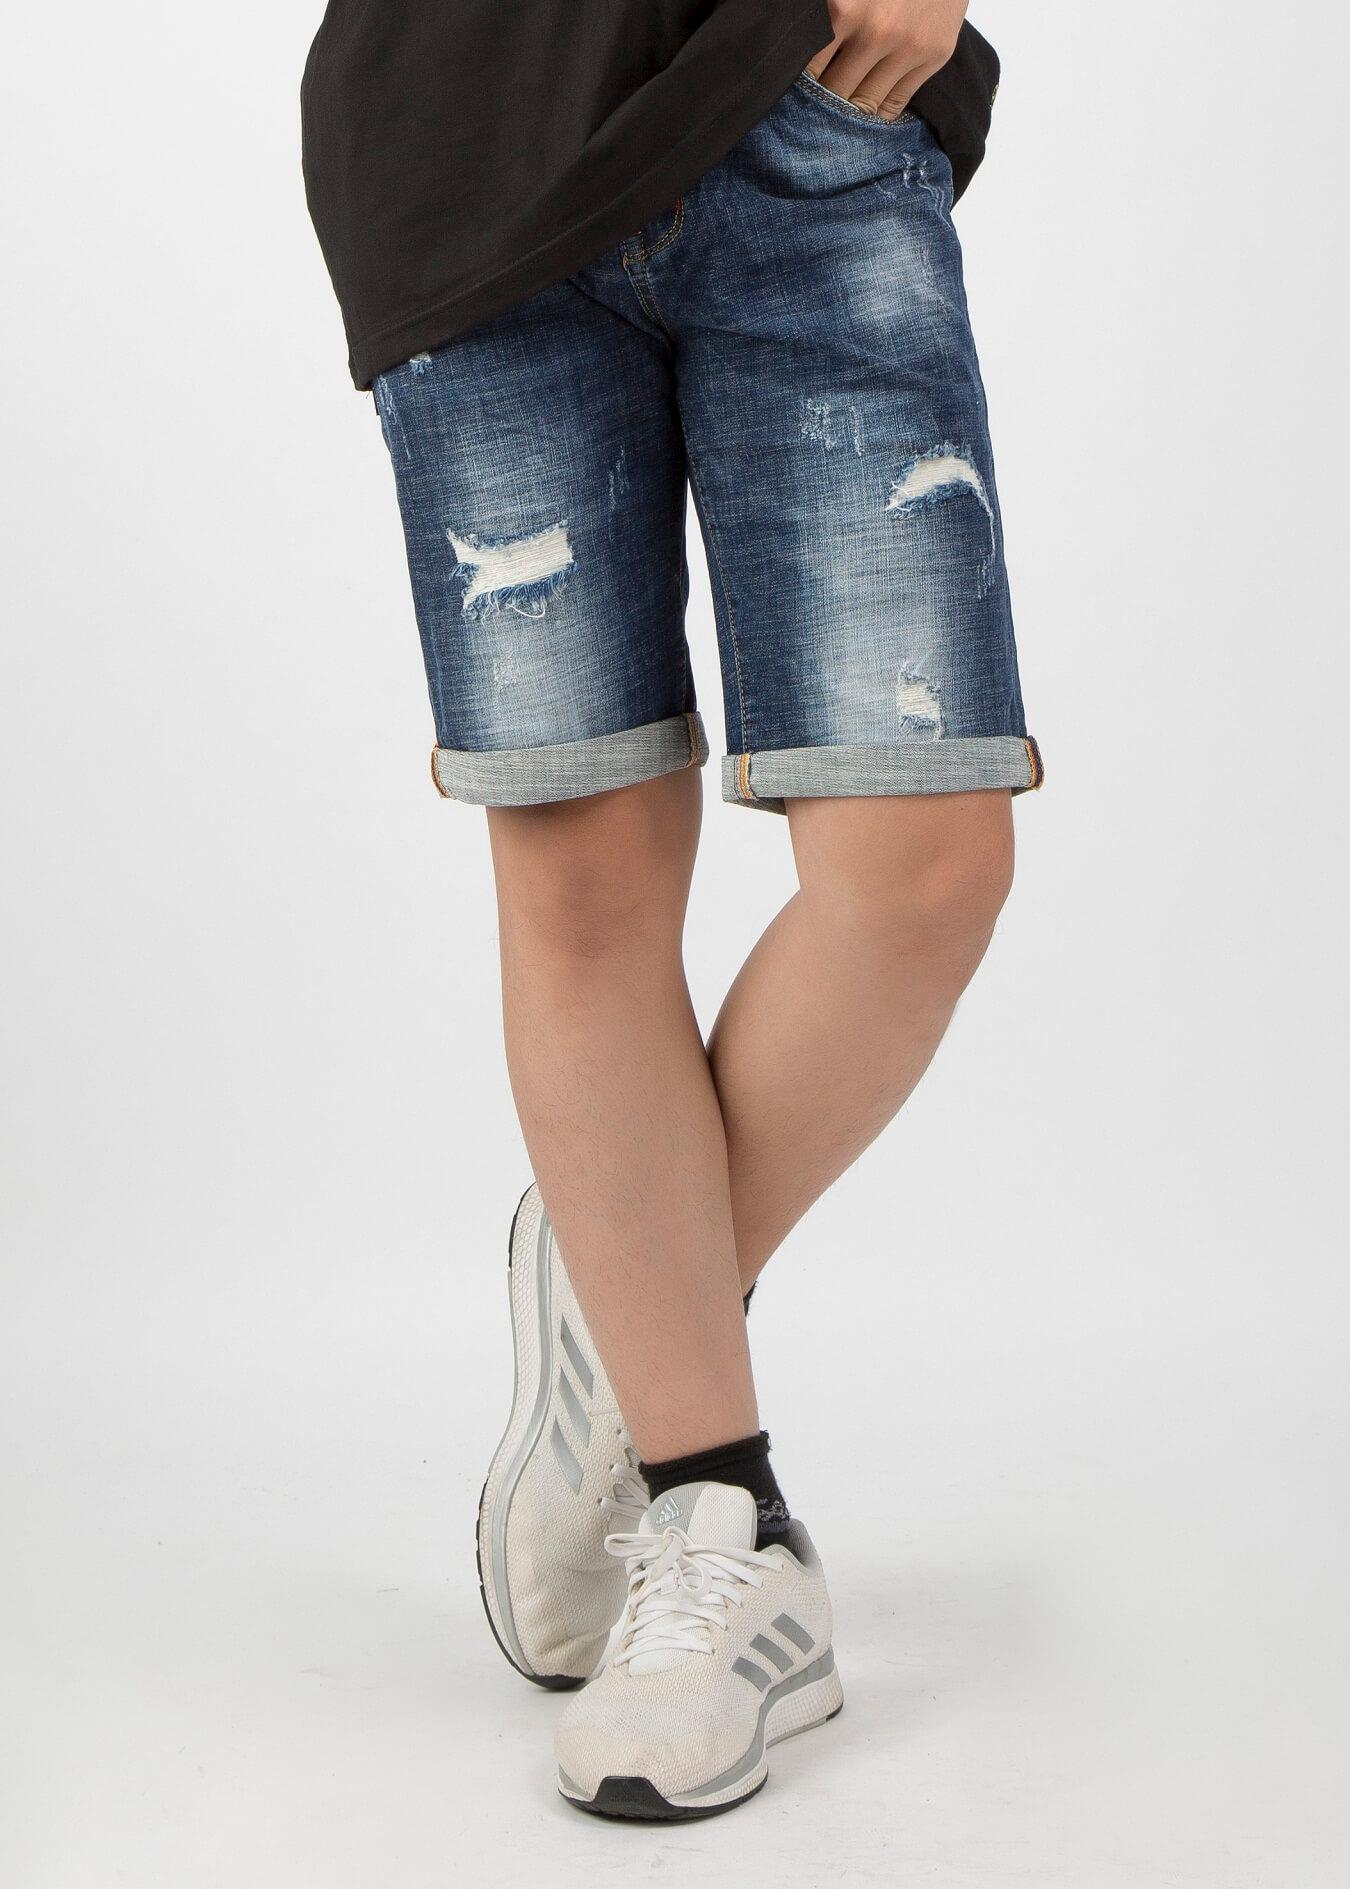 Mix giày thể thao cùng với quần short jean và áo thun hay sơ mi